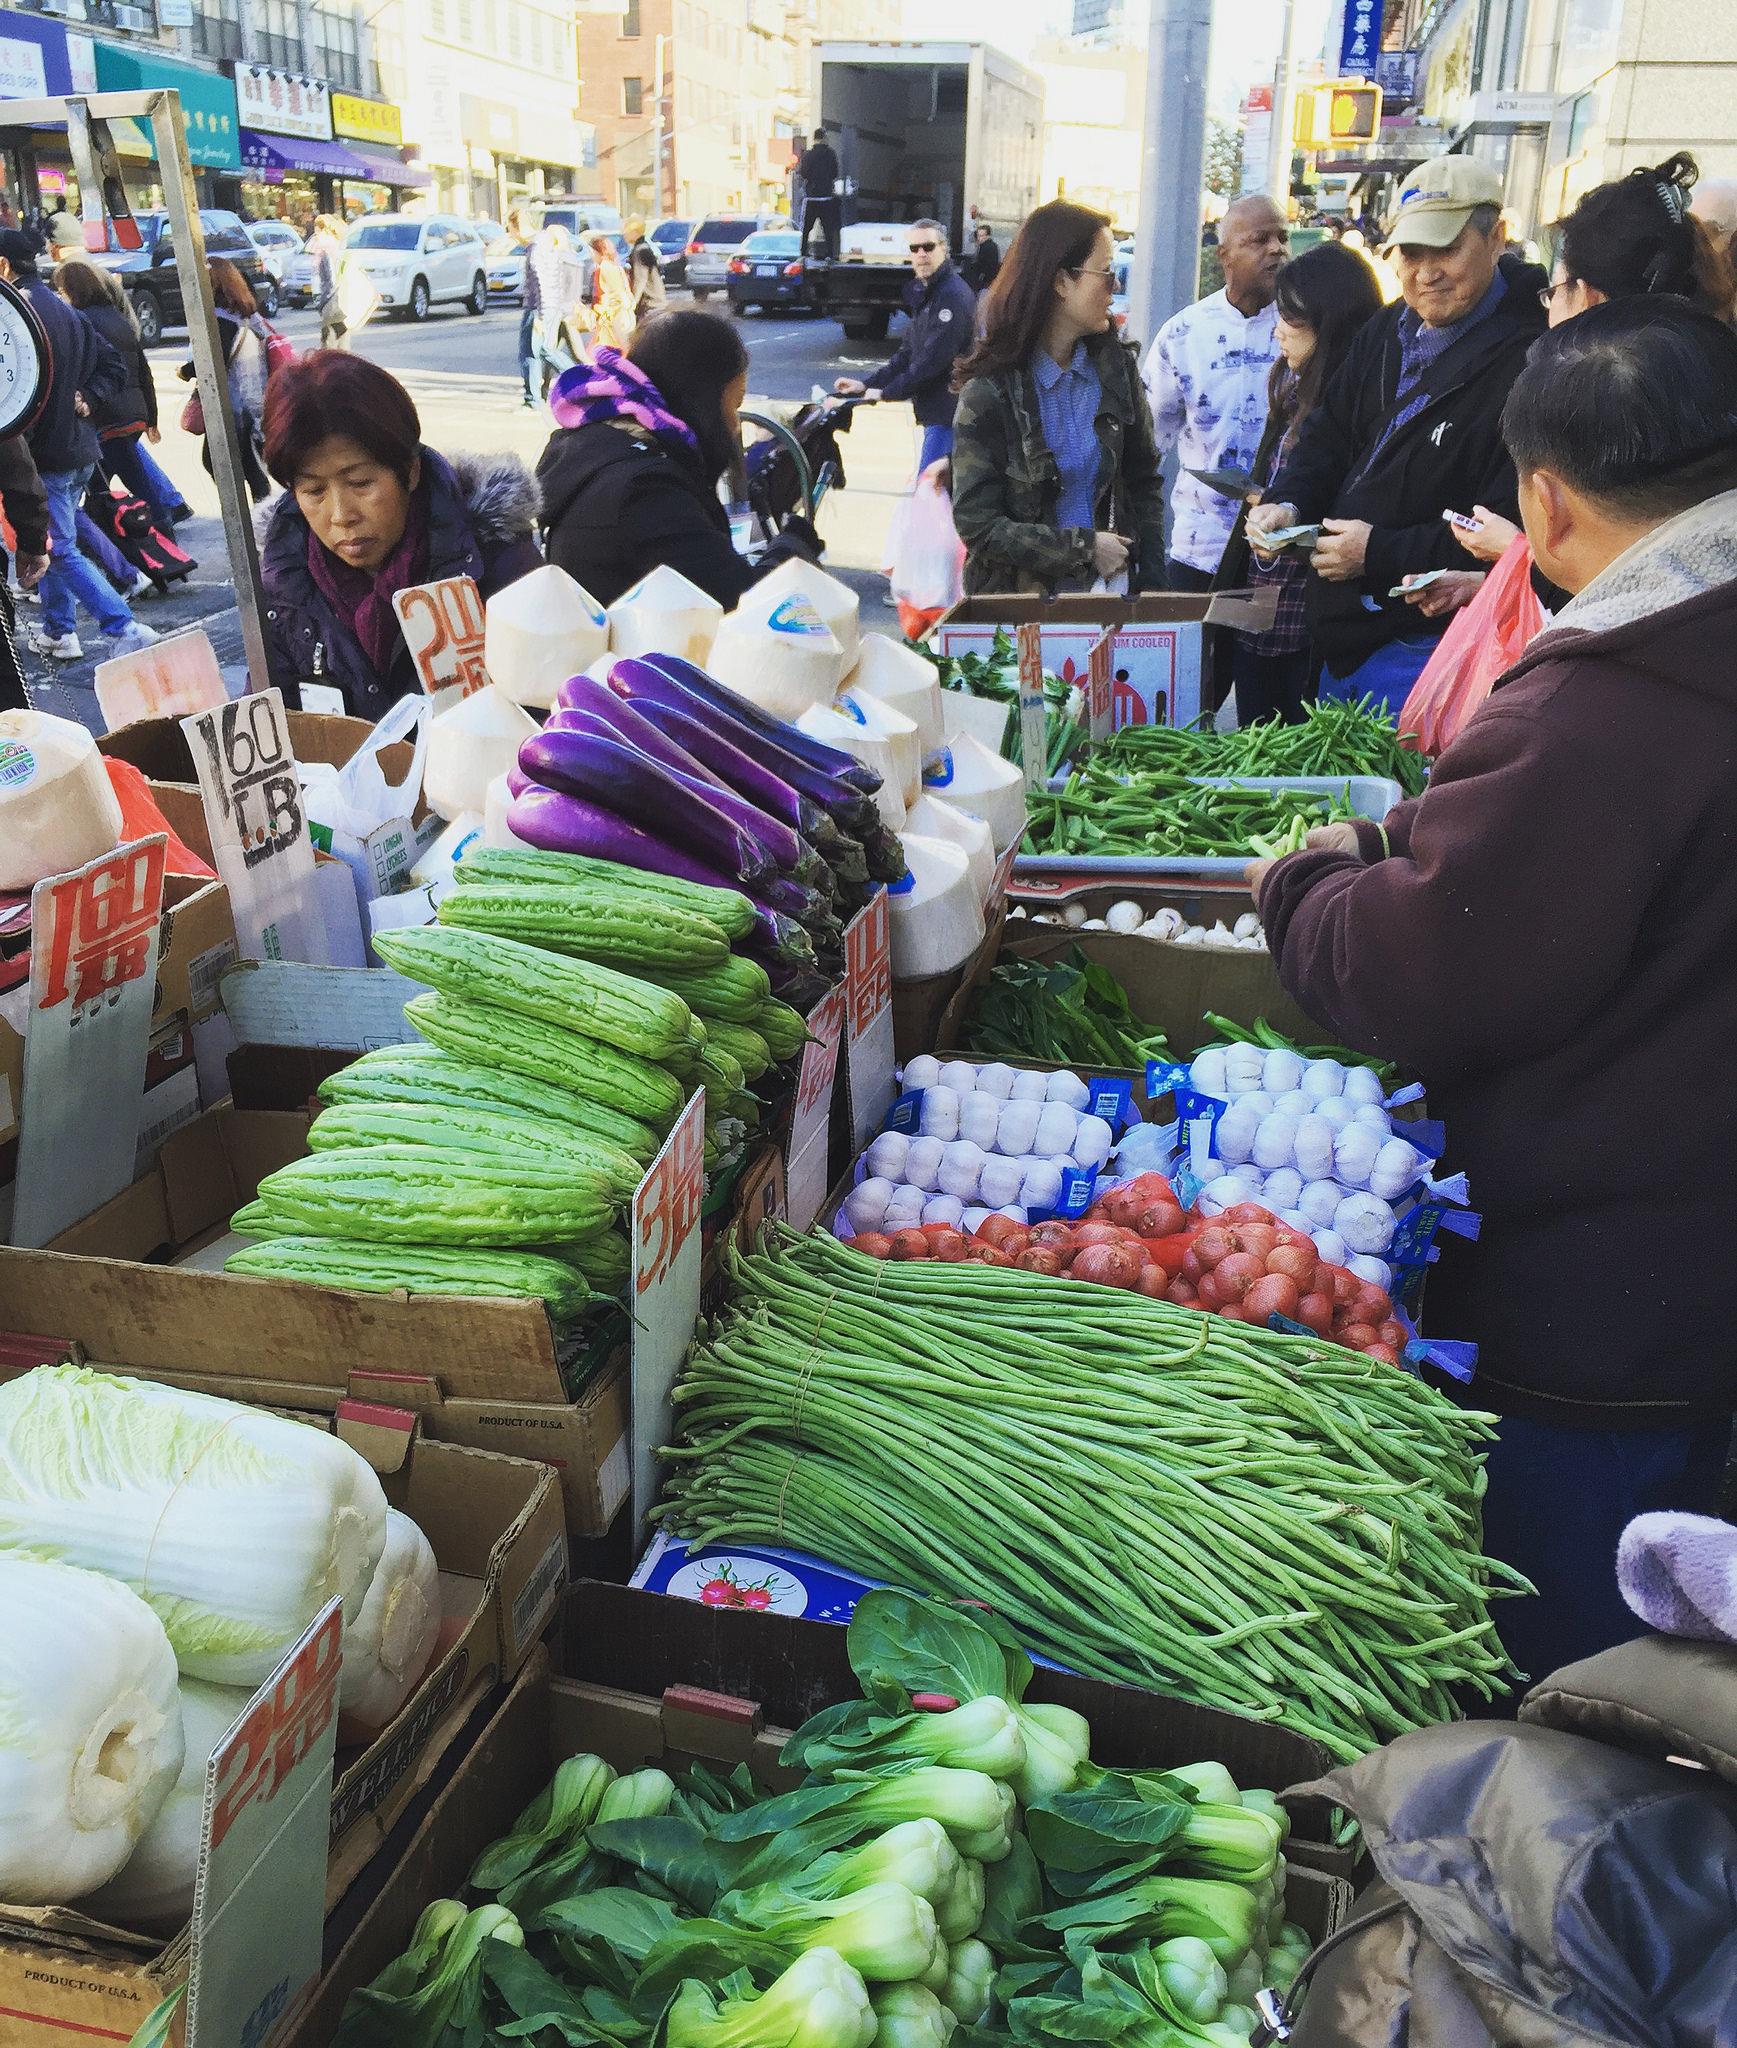 Chinatown, New York_23544540670_l.jpg